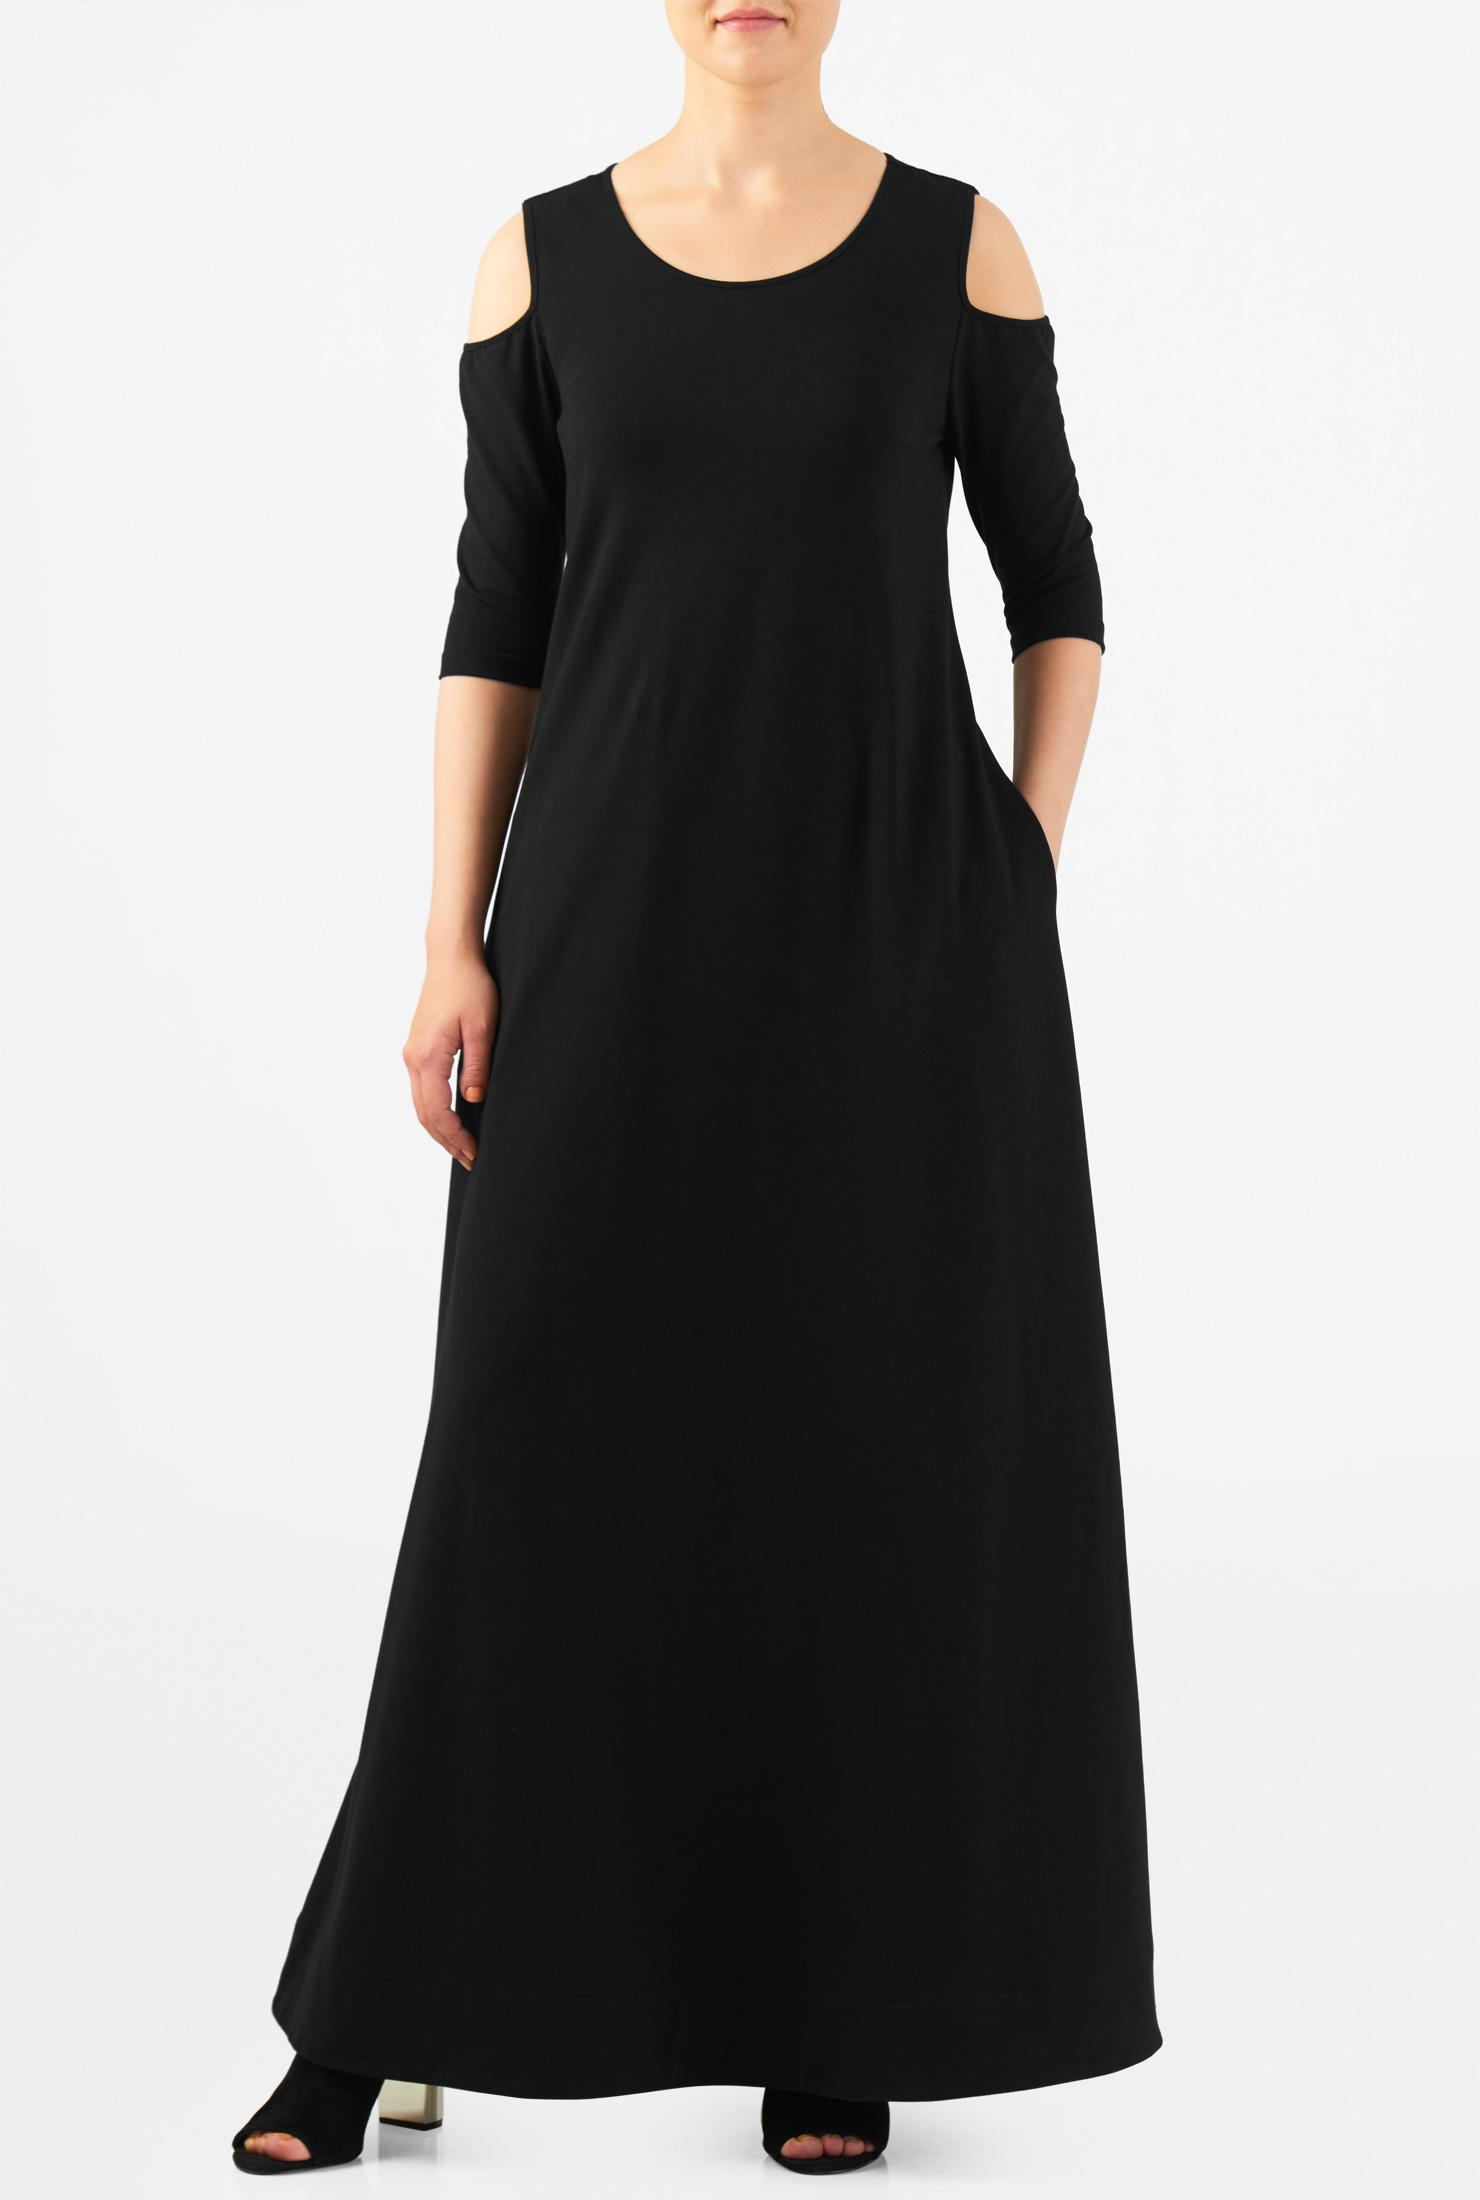 eShakti Women's Cold shoulder cotton knit maxi shift dress CL0050159